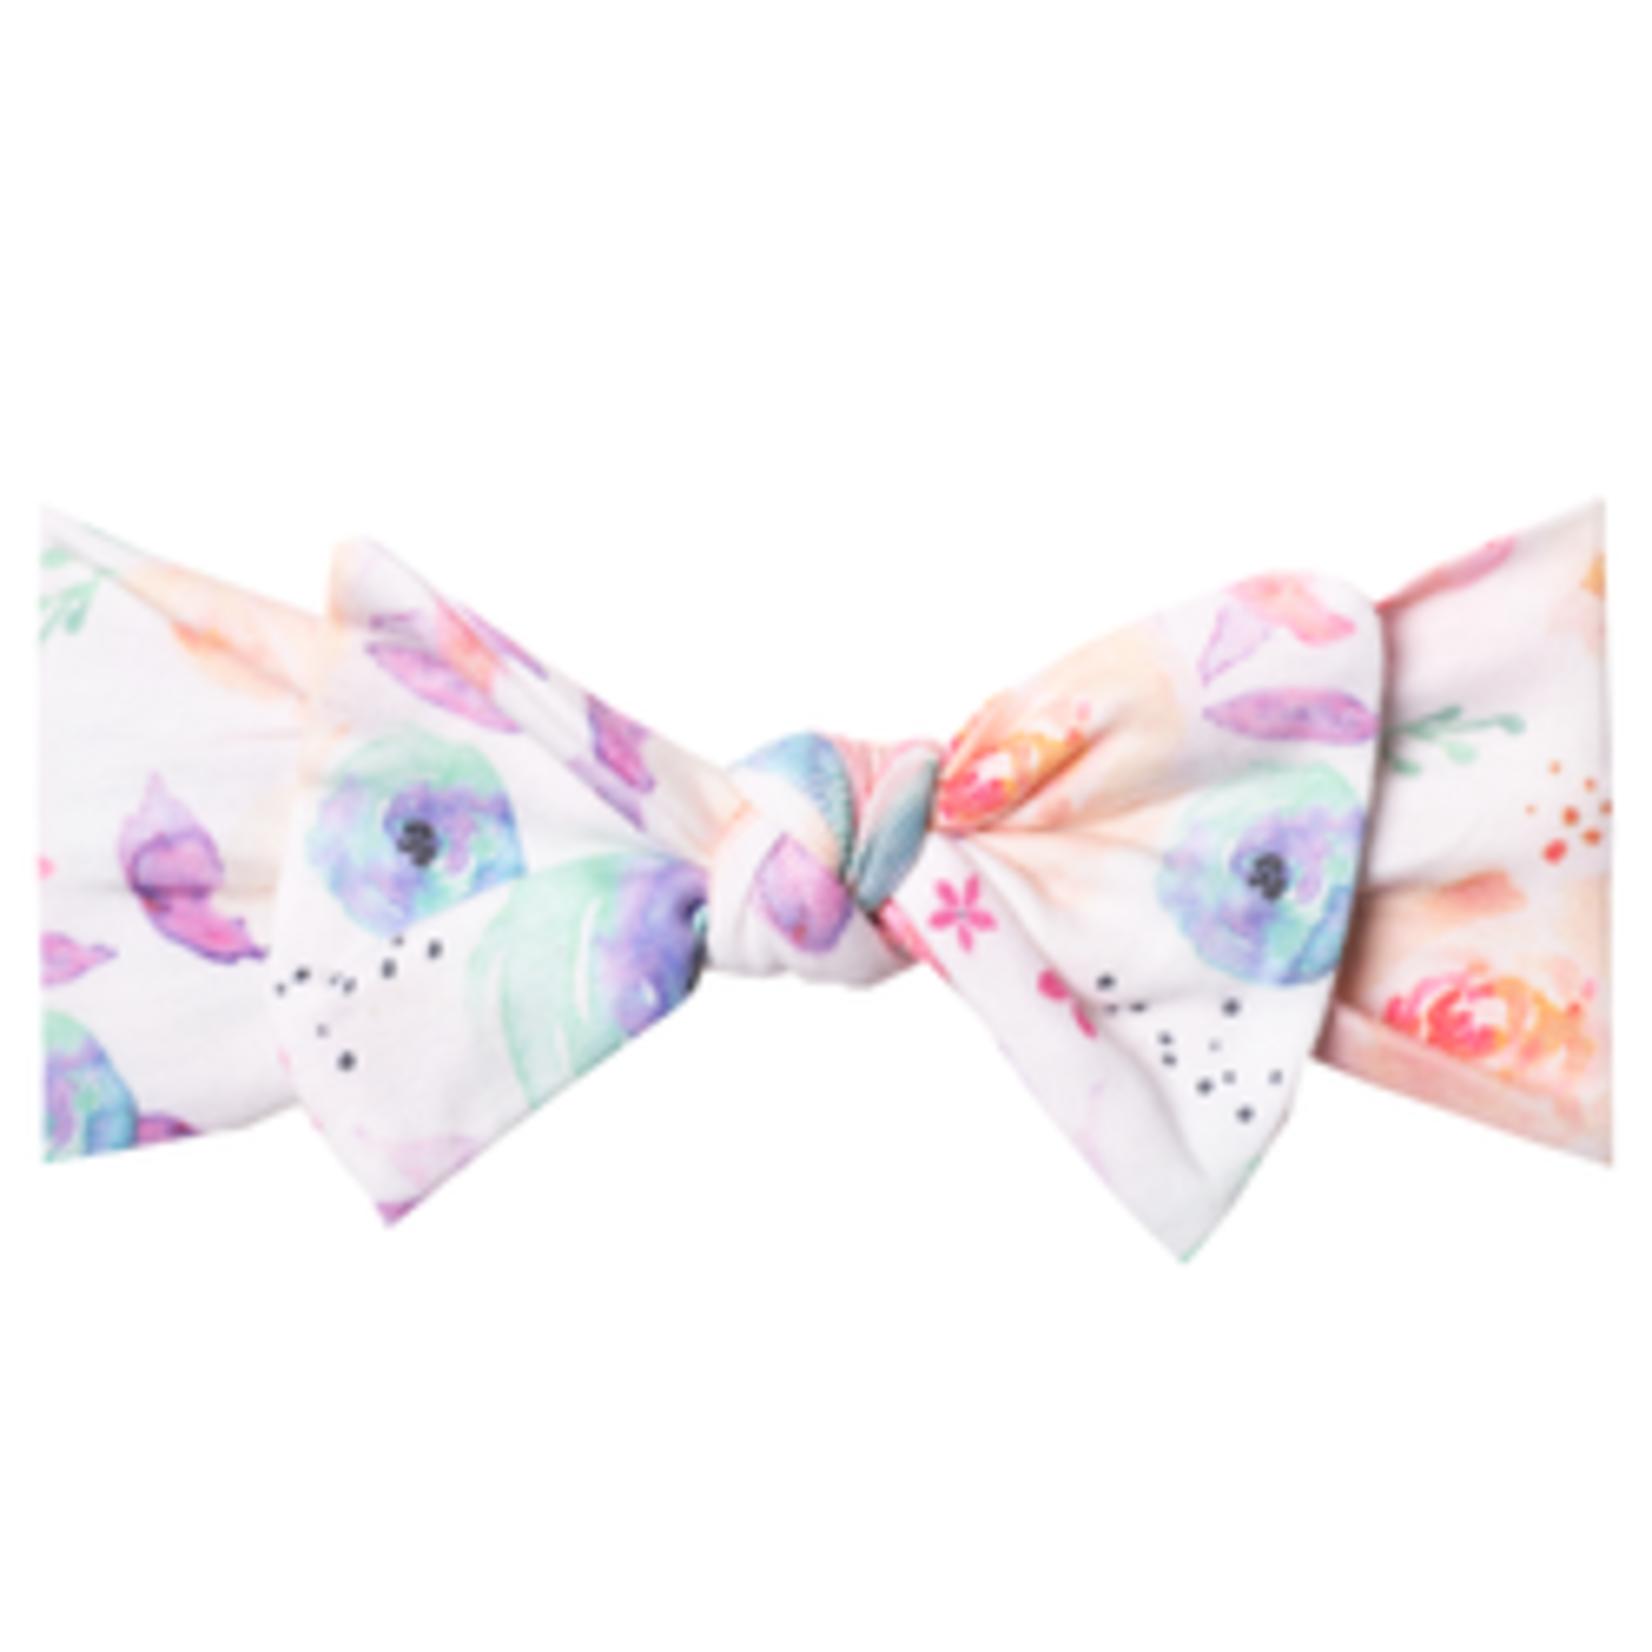 Copper Pearl Knit Headband - Bloom